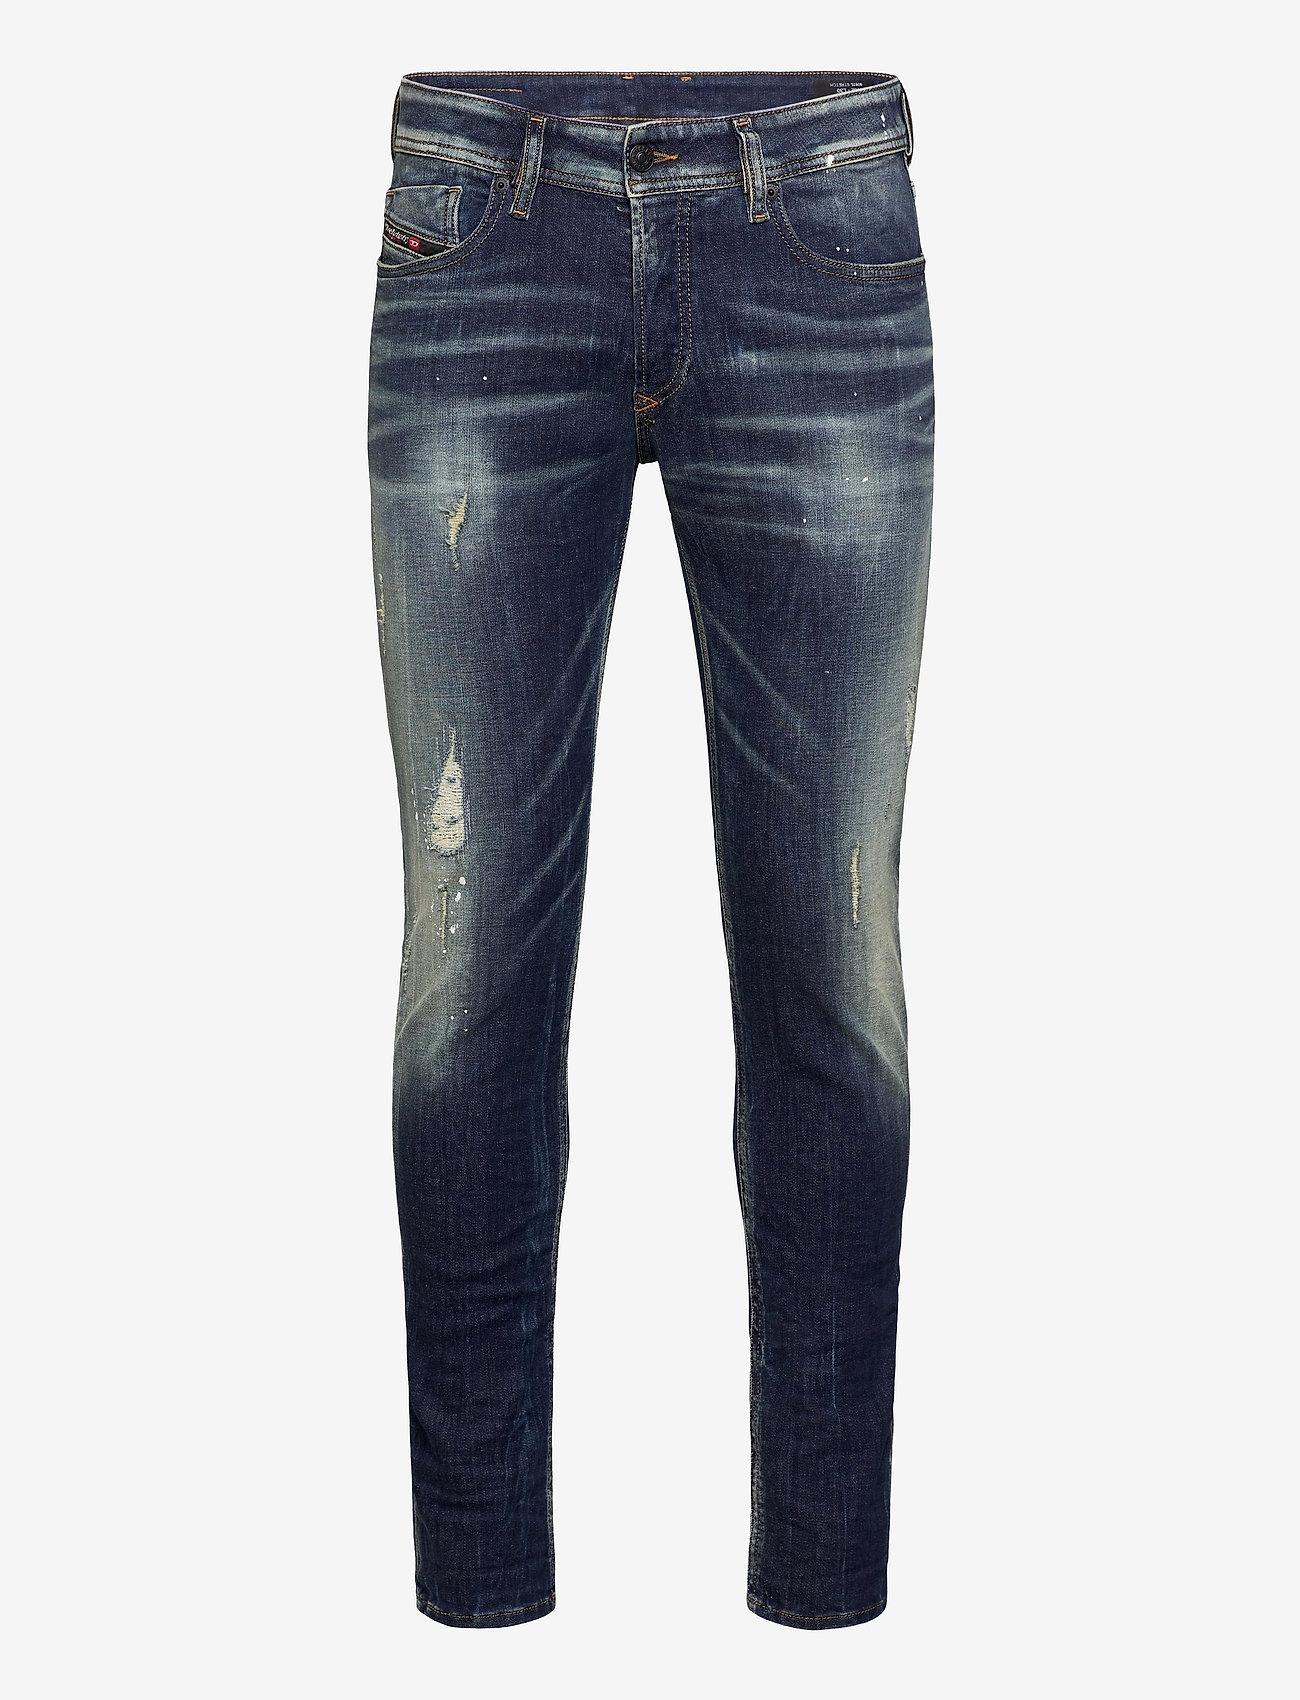 Diesel Men - SLEENKER-X TROUSERS - skinny jeans - denim - 0